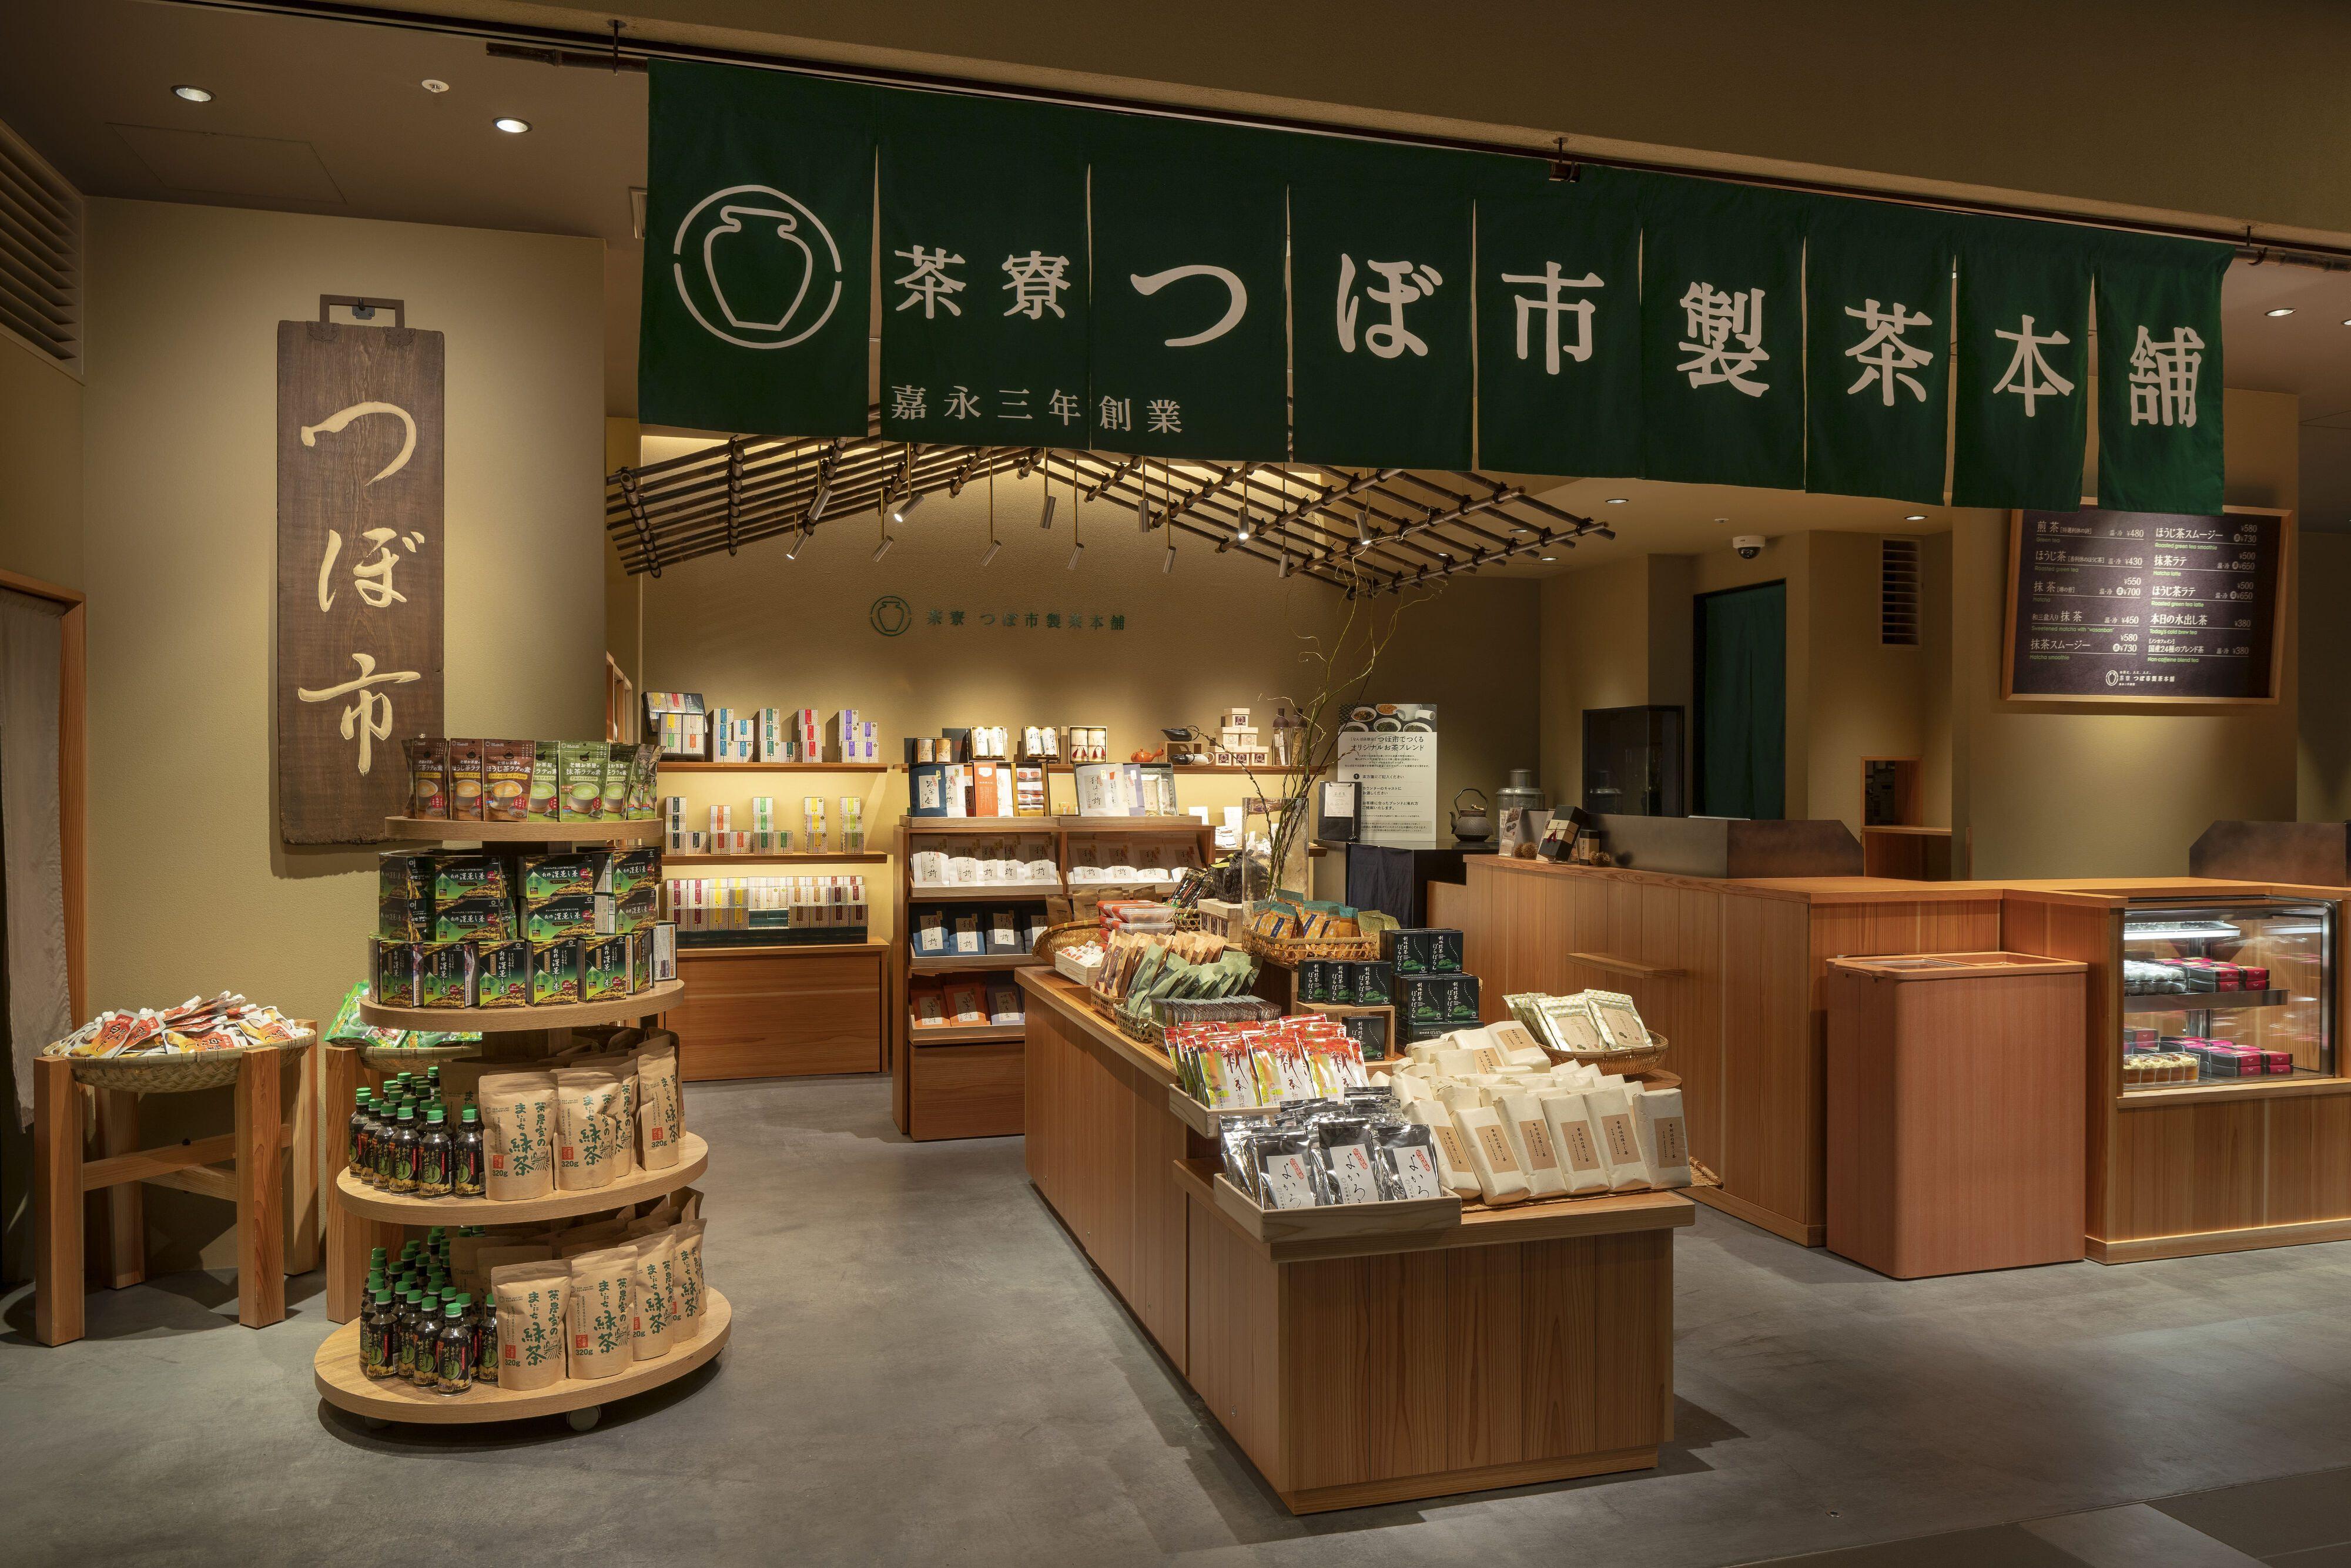 茶寮つぼ市製茶本舗 なんばスカイオ店